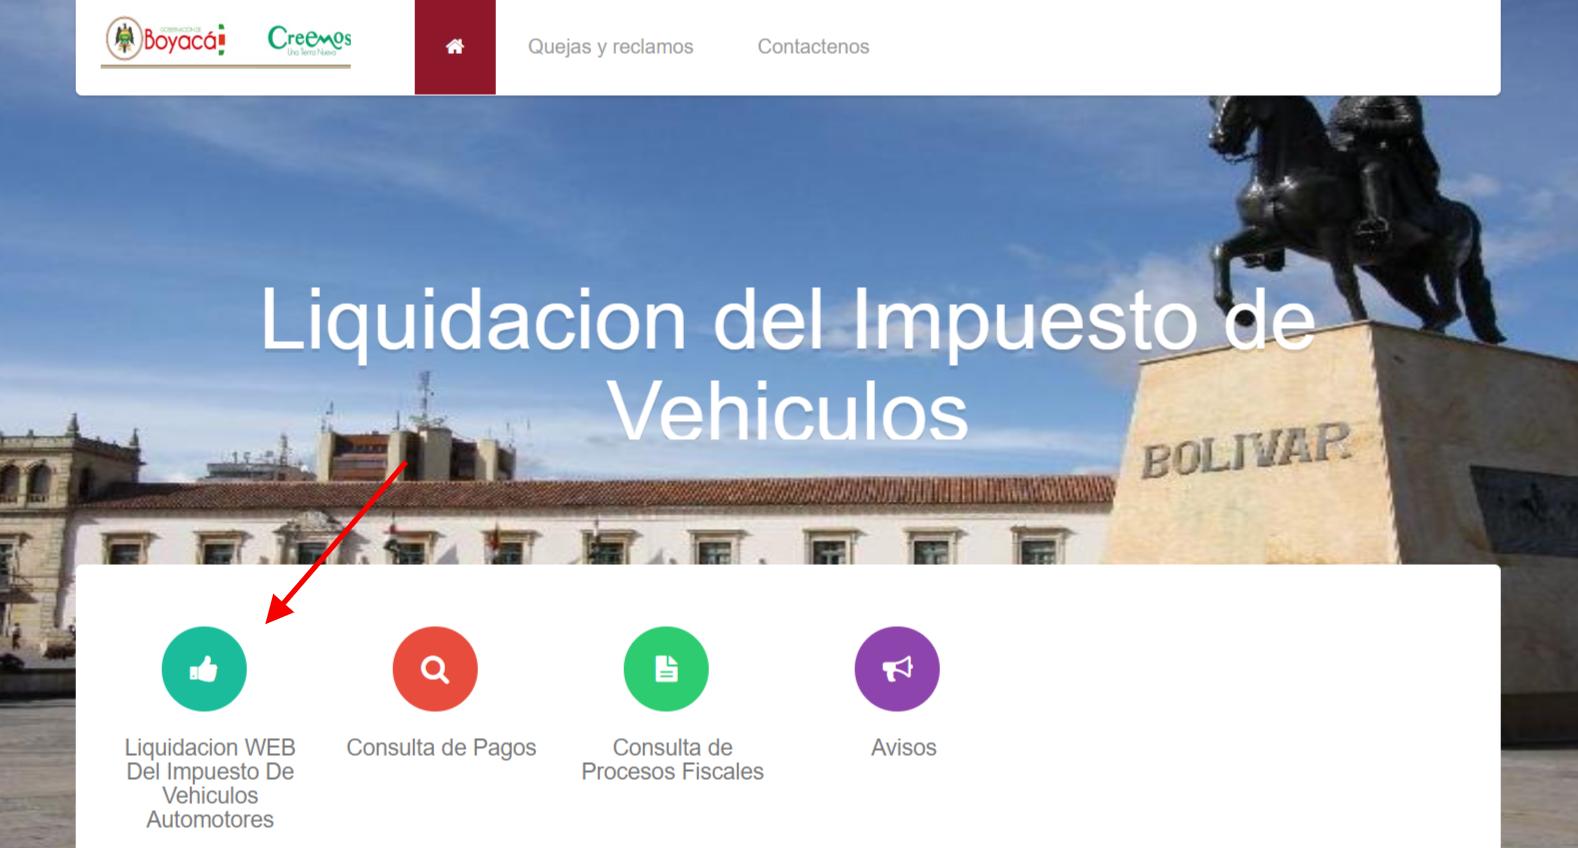 Impuesto de vehículos en Boyacá 2019